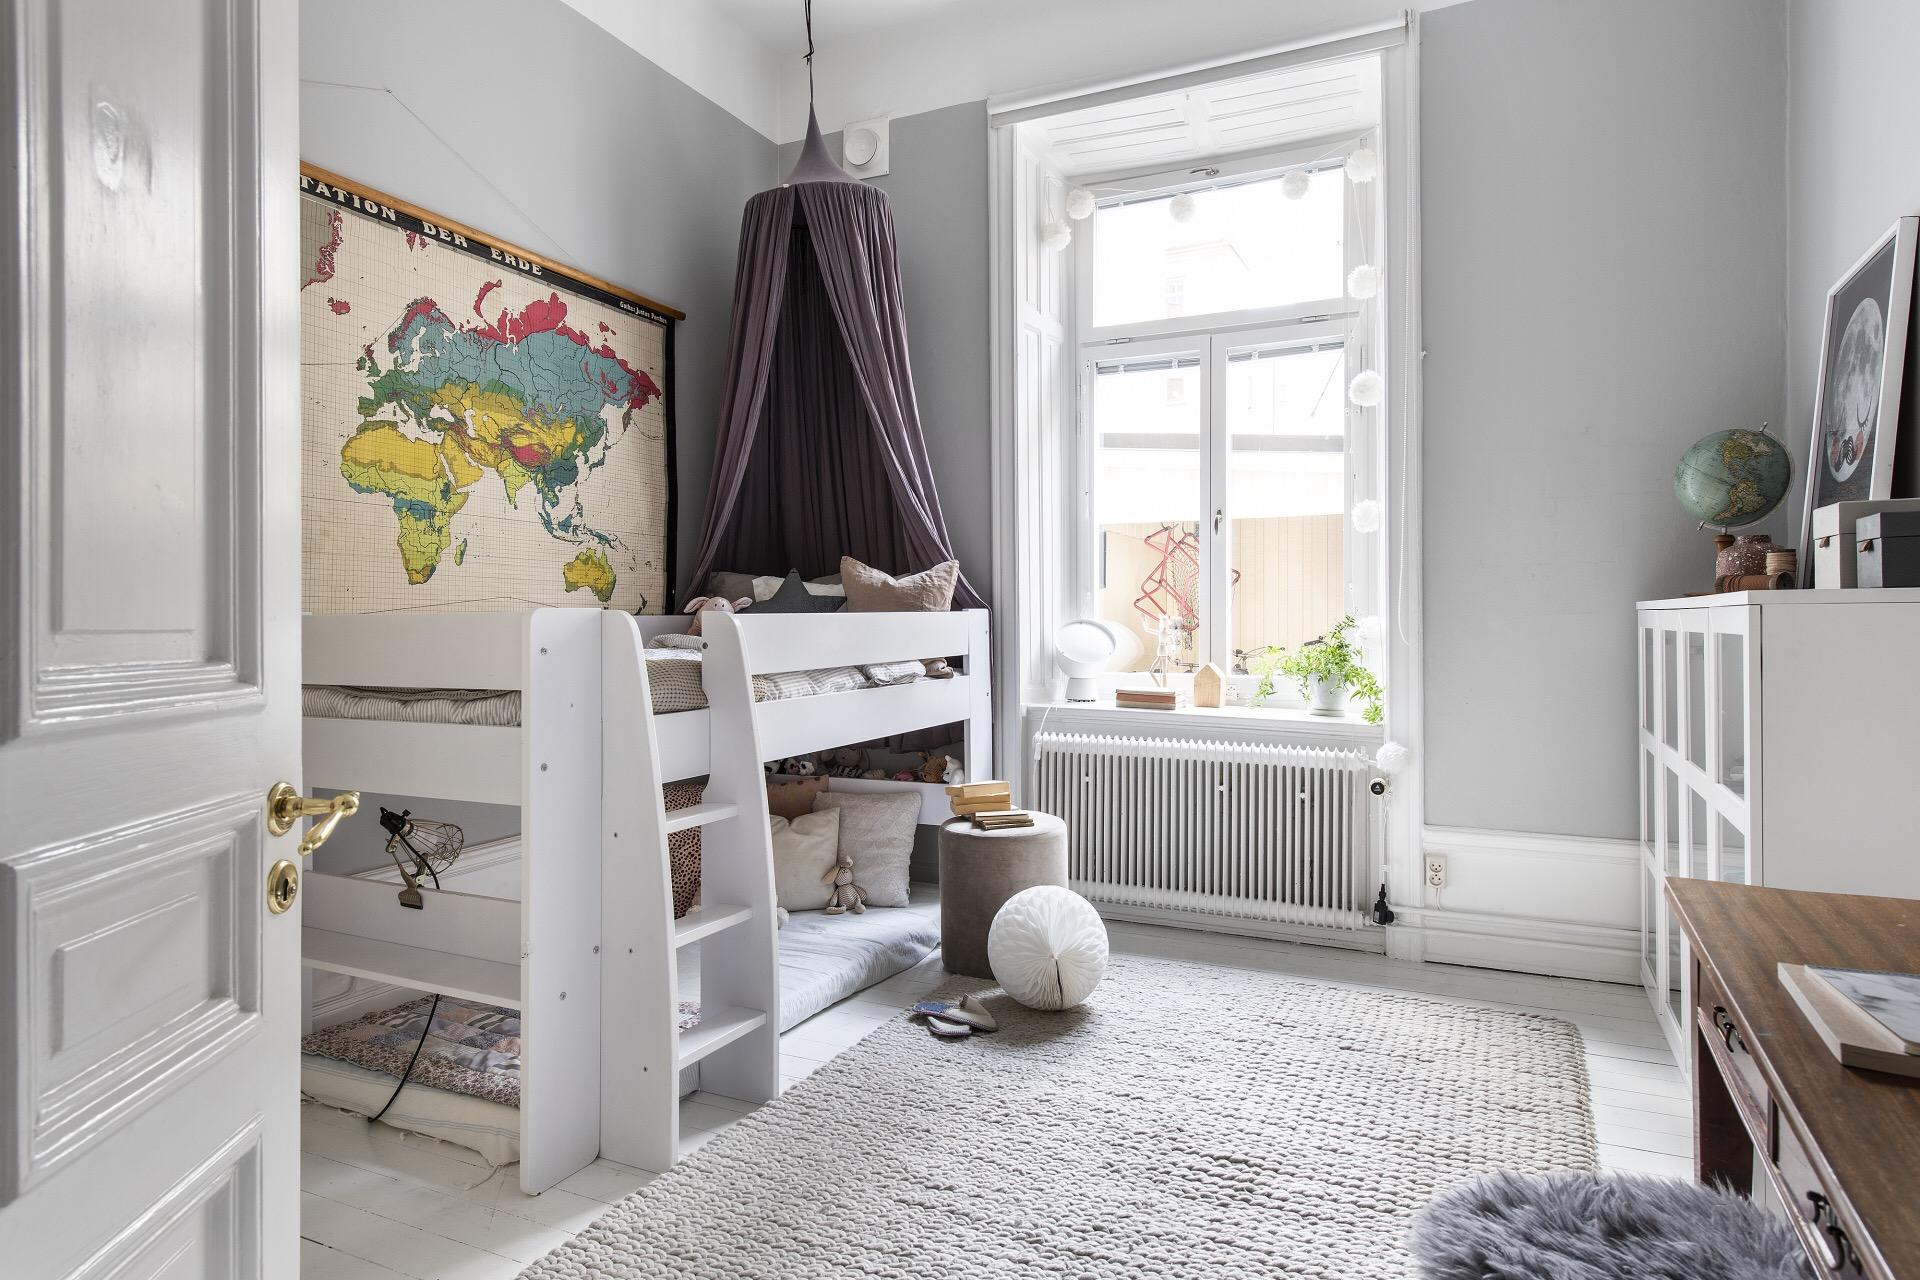 детская двухъярусная кровать с балдахином